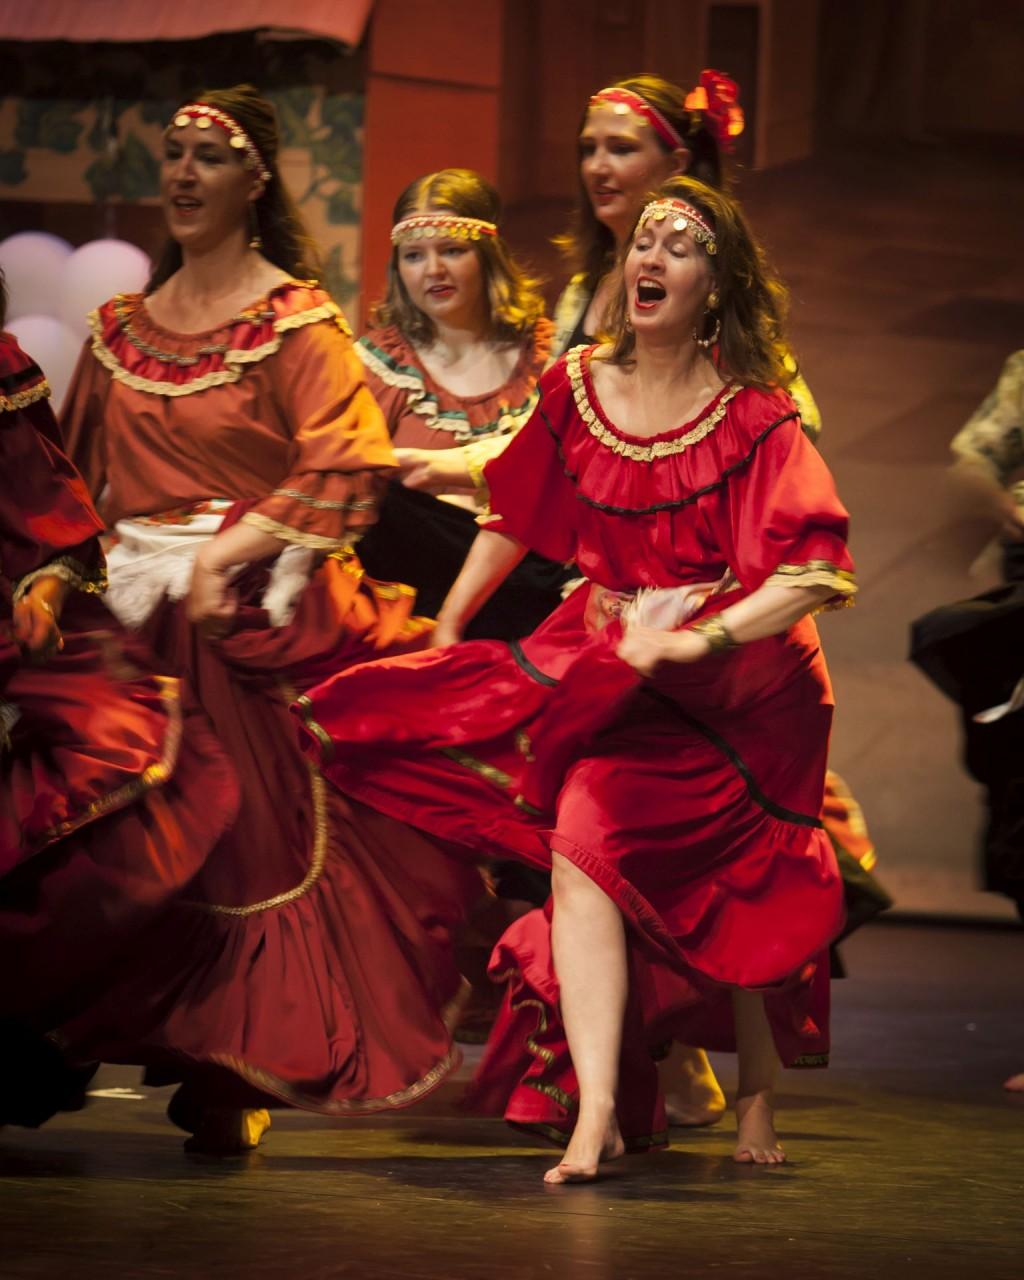 dansen ballet van den Ende (15 van 17)